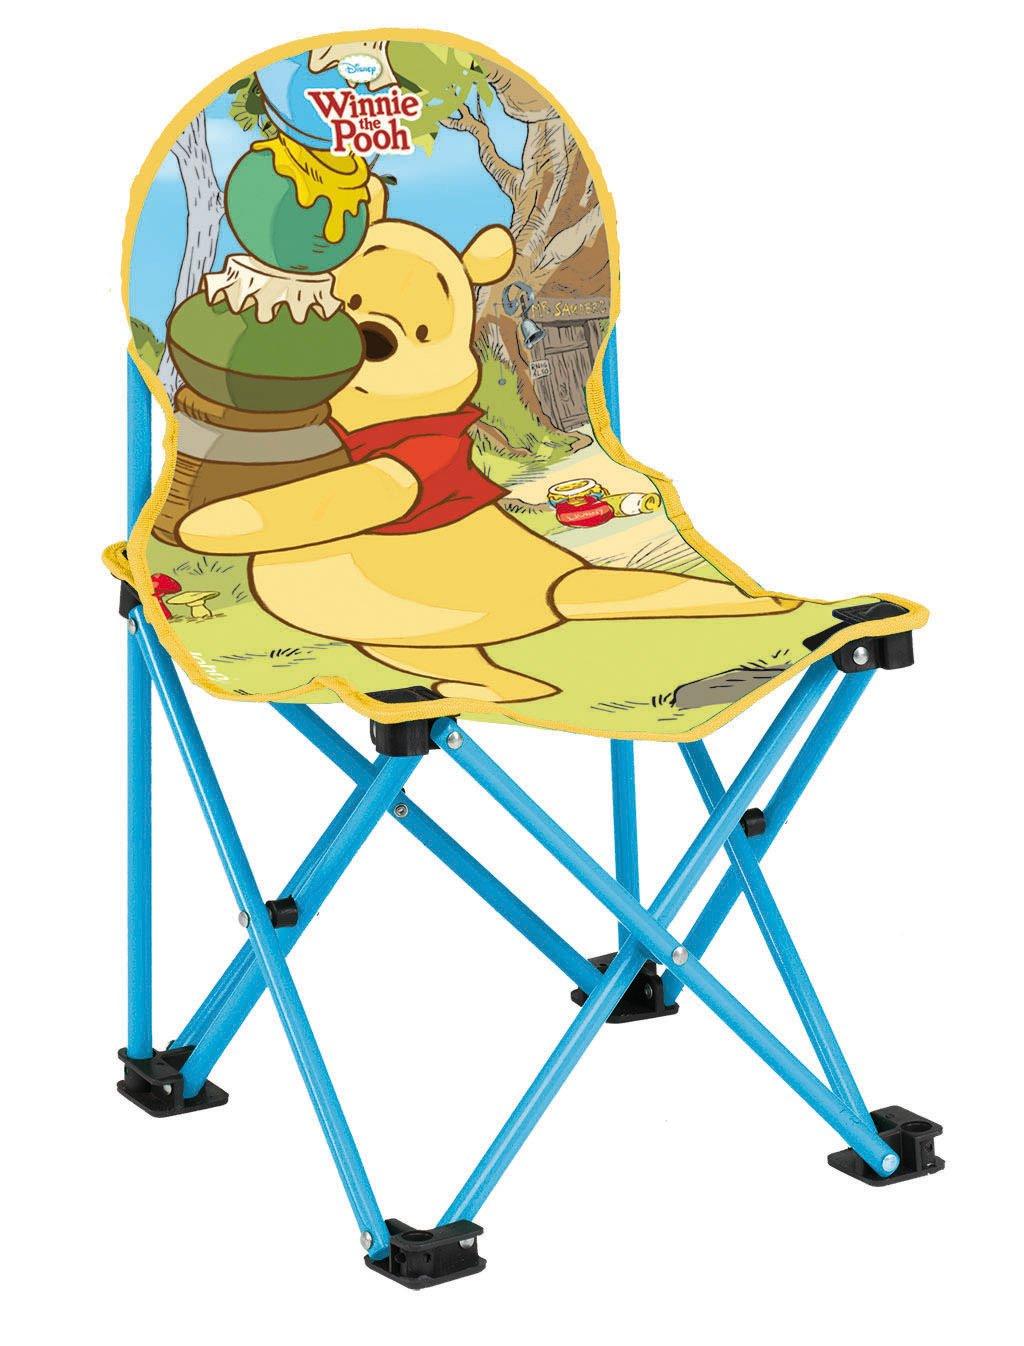 Winnie the Pooh Furniture TKTB